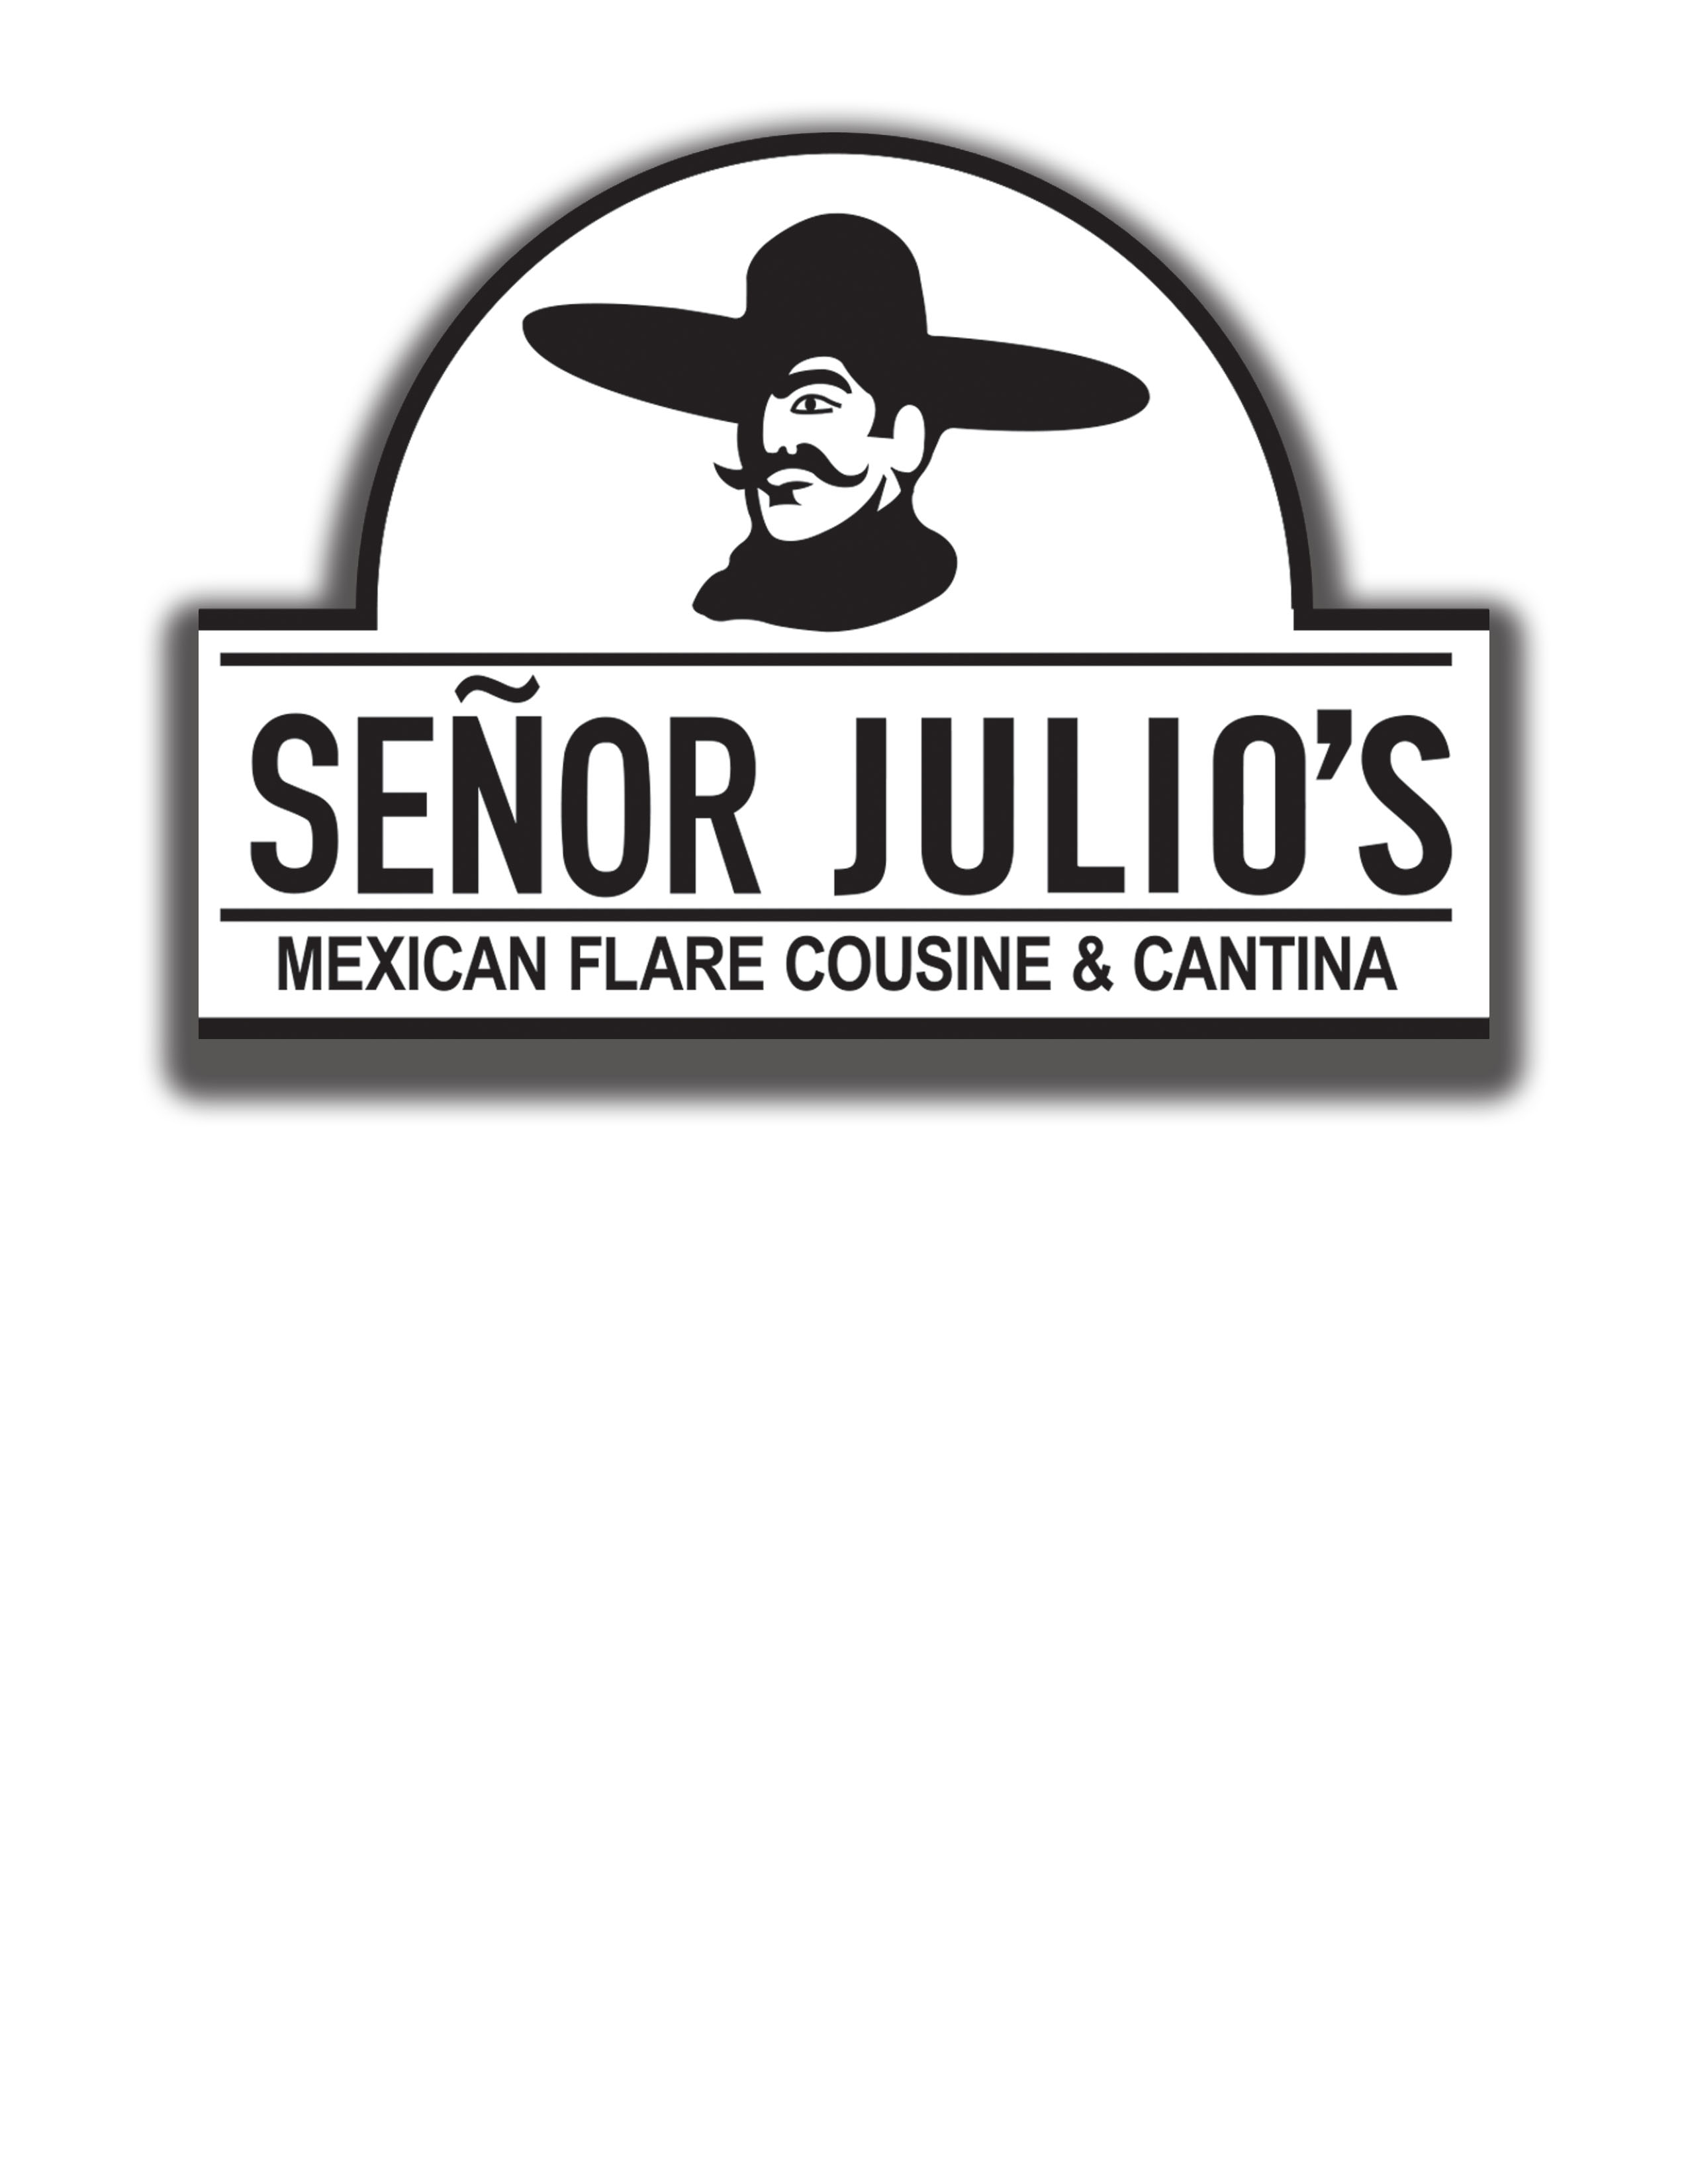 Senior Julio's